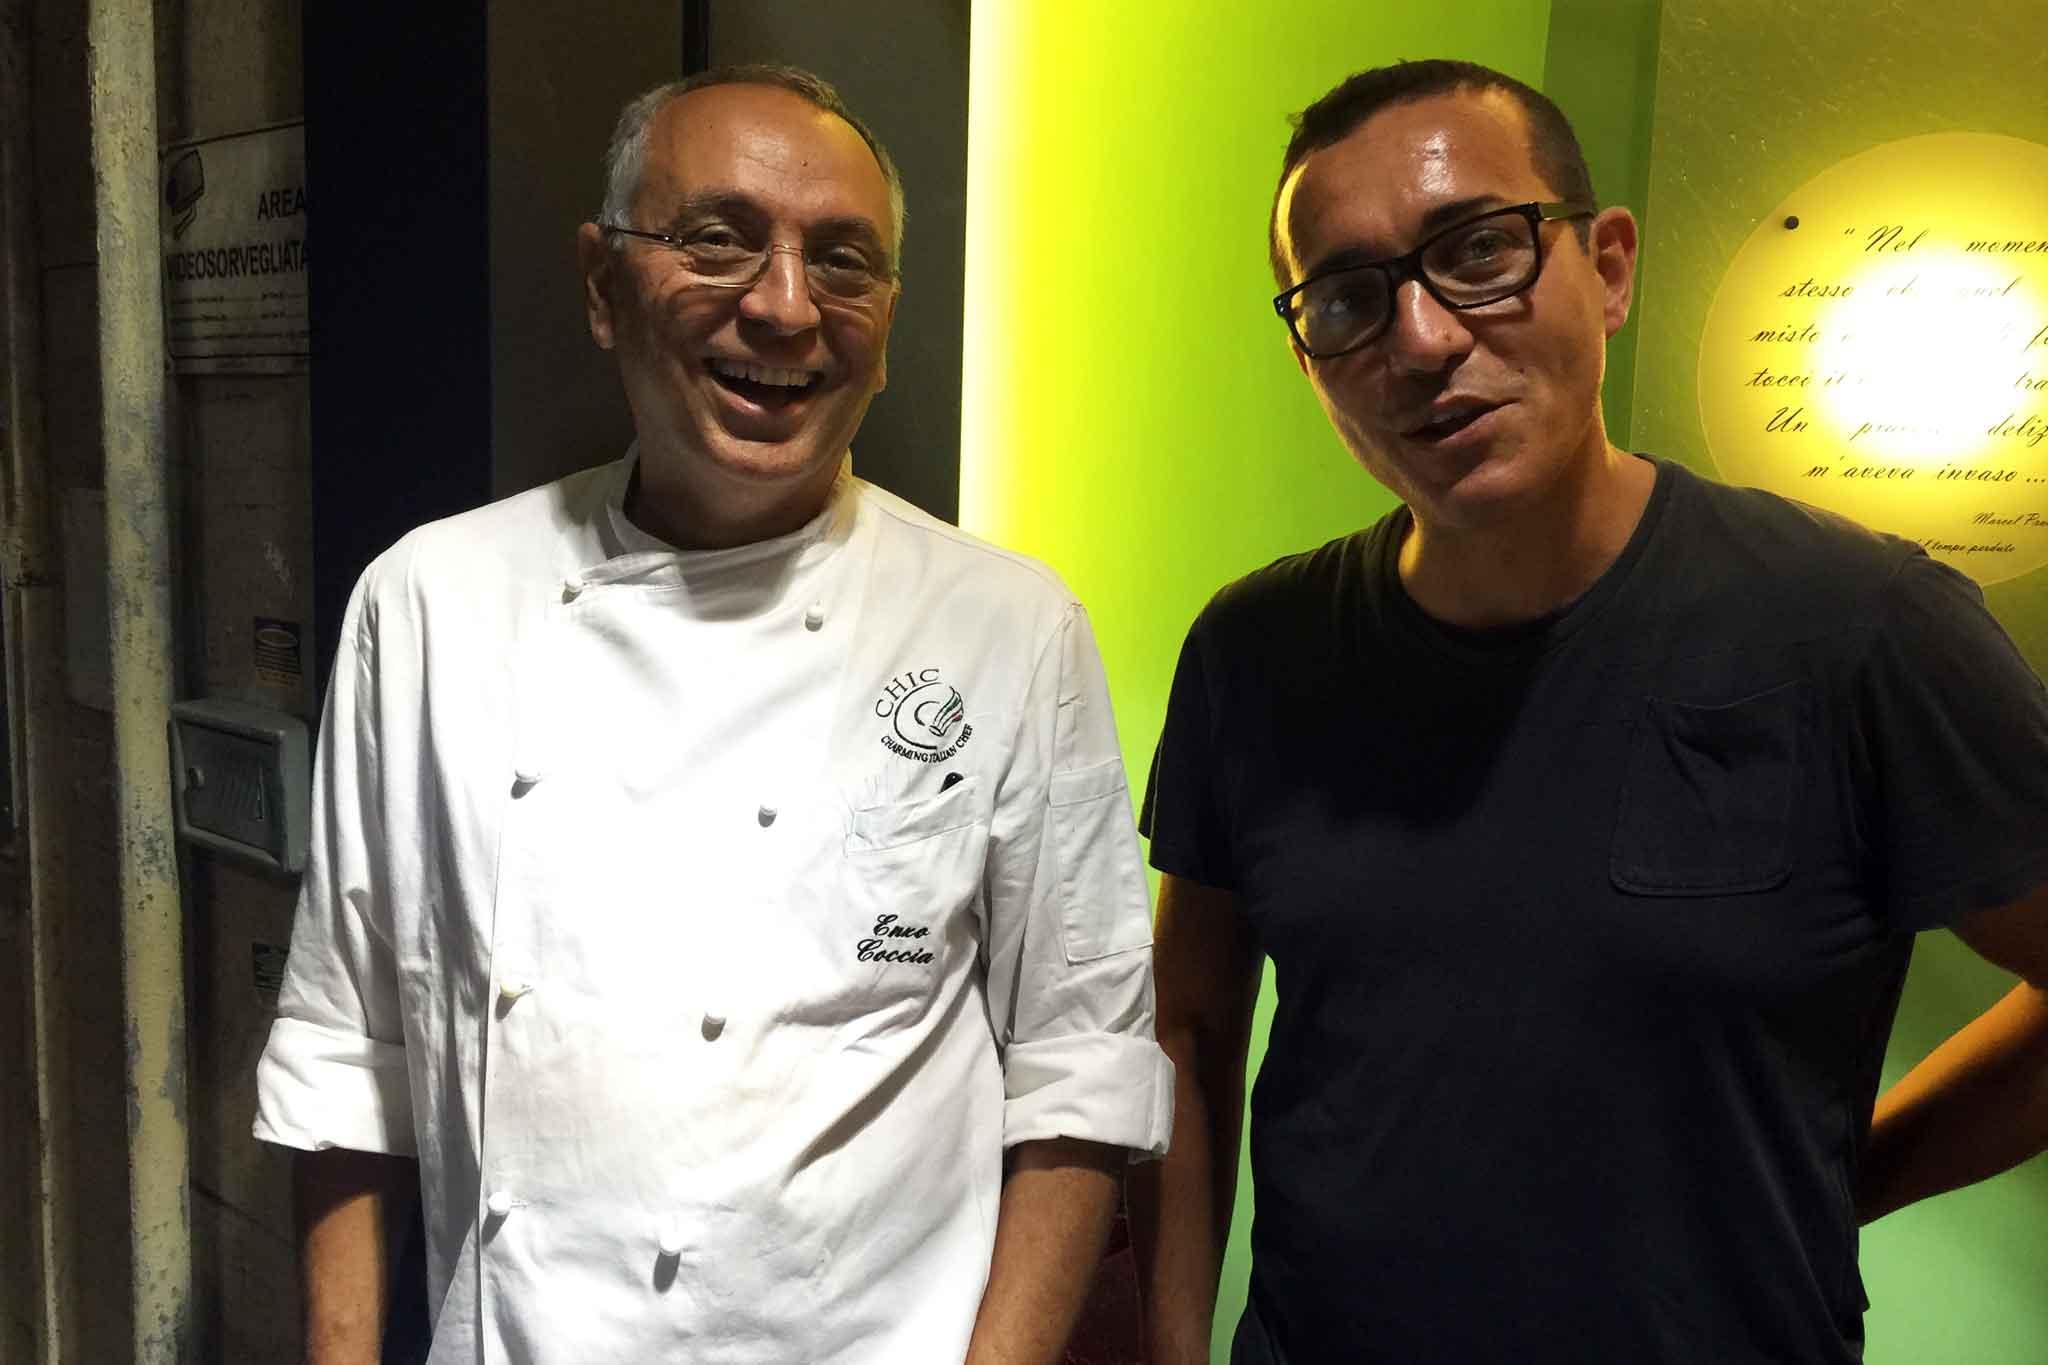 Enzo Coccia e Gino Sorbillo